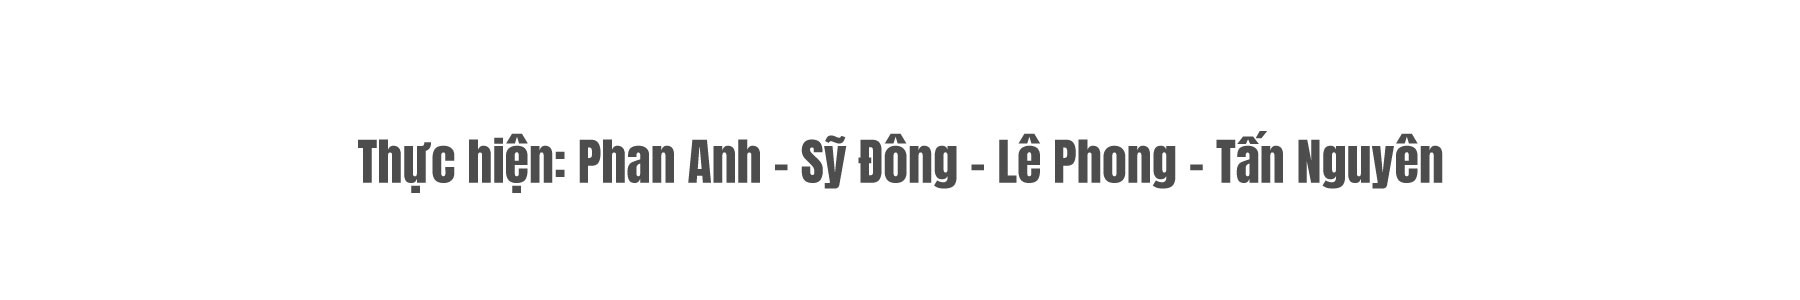 (eMagazine) - Vỉa hè Sài Gòn năm qua có gì thay đổi - Ảnh 14.